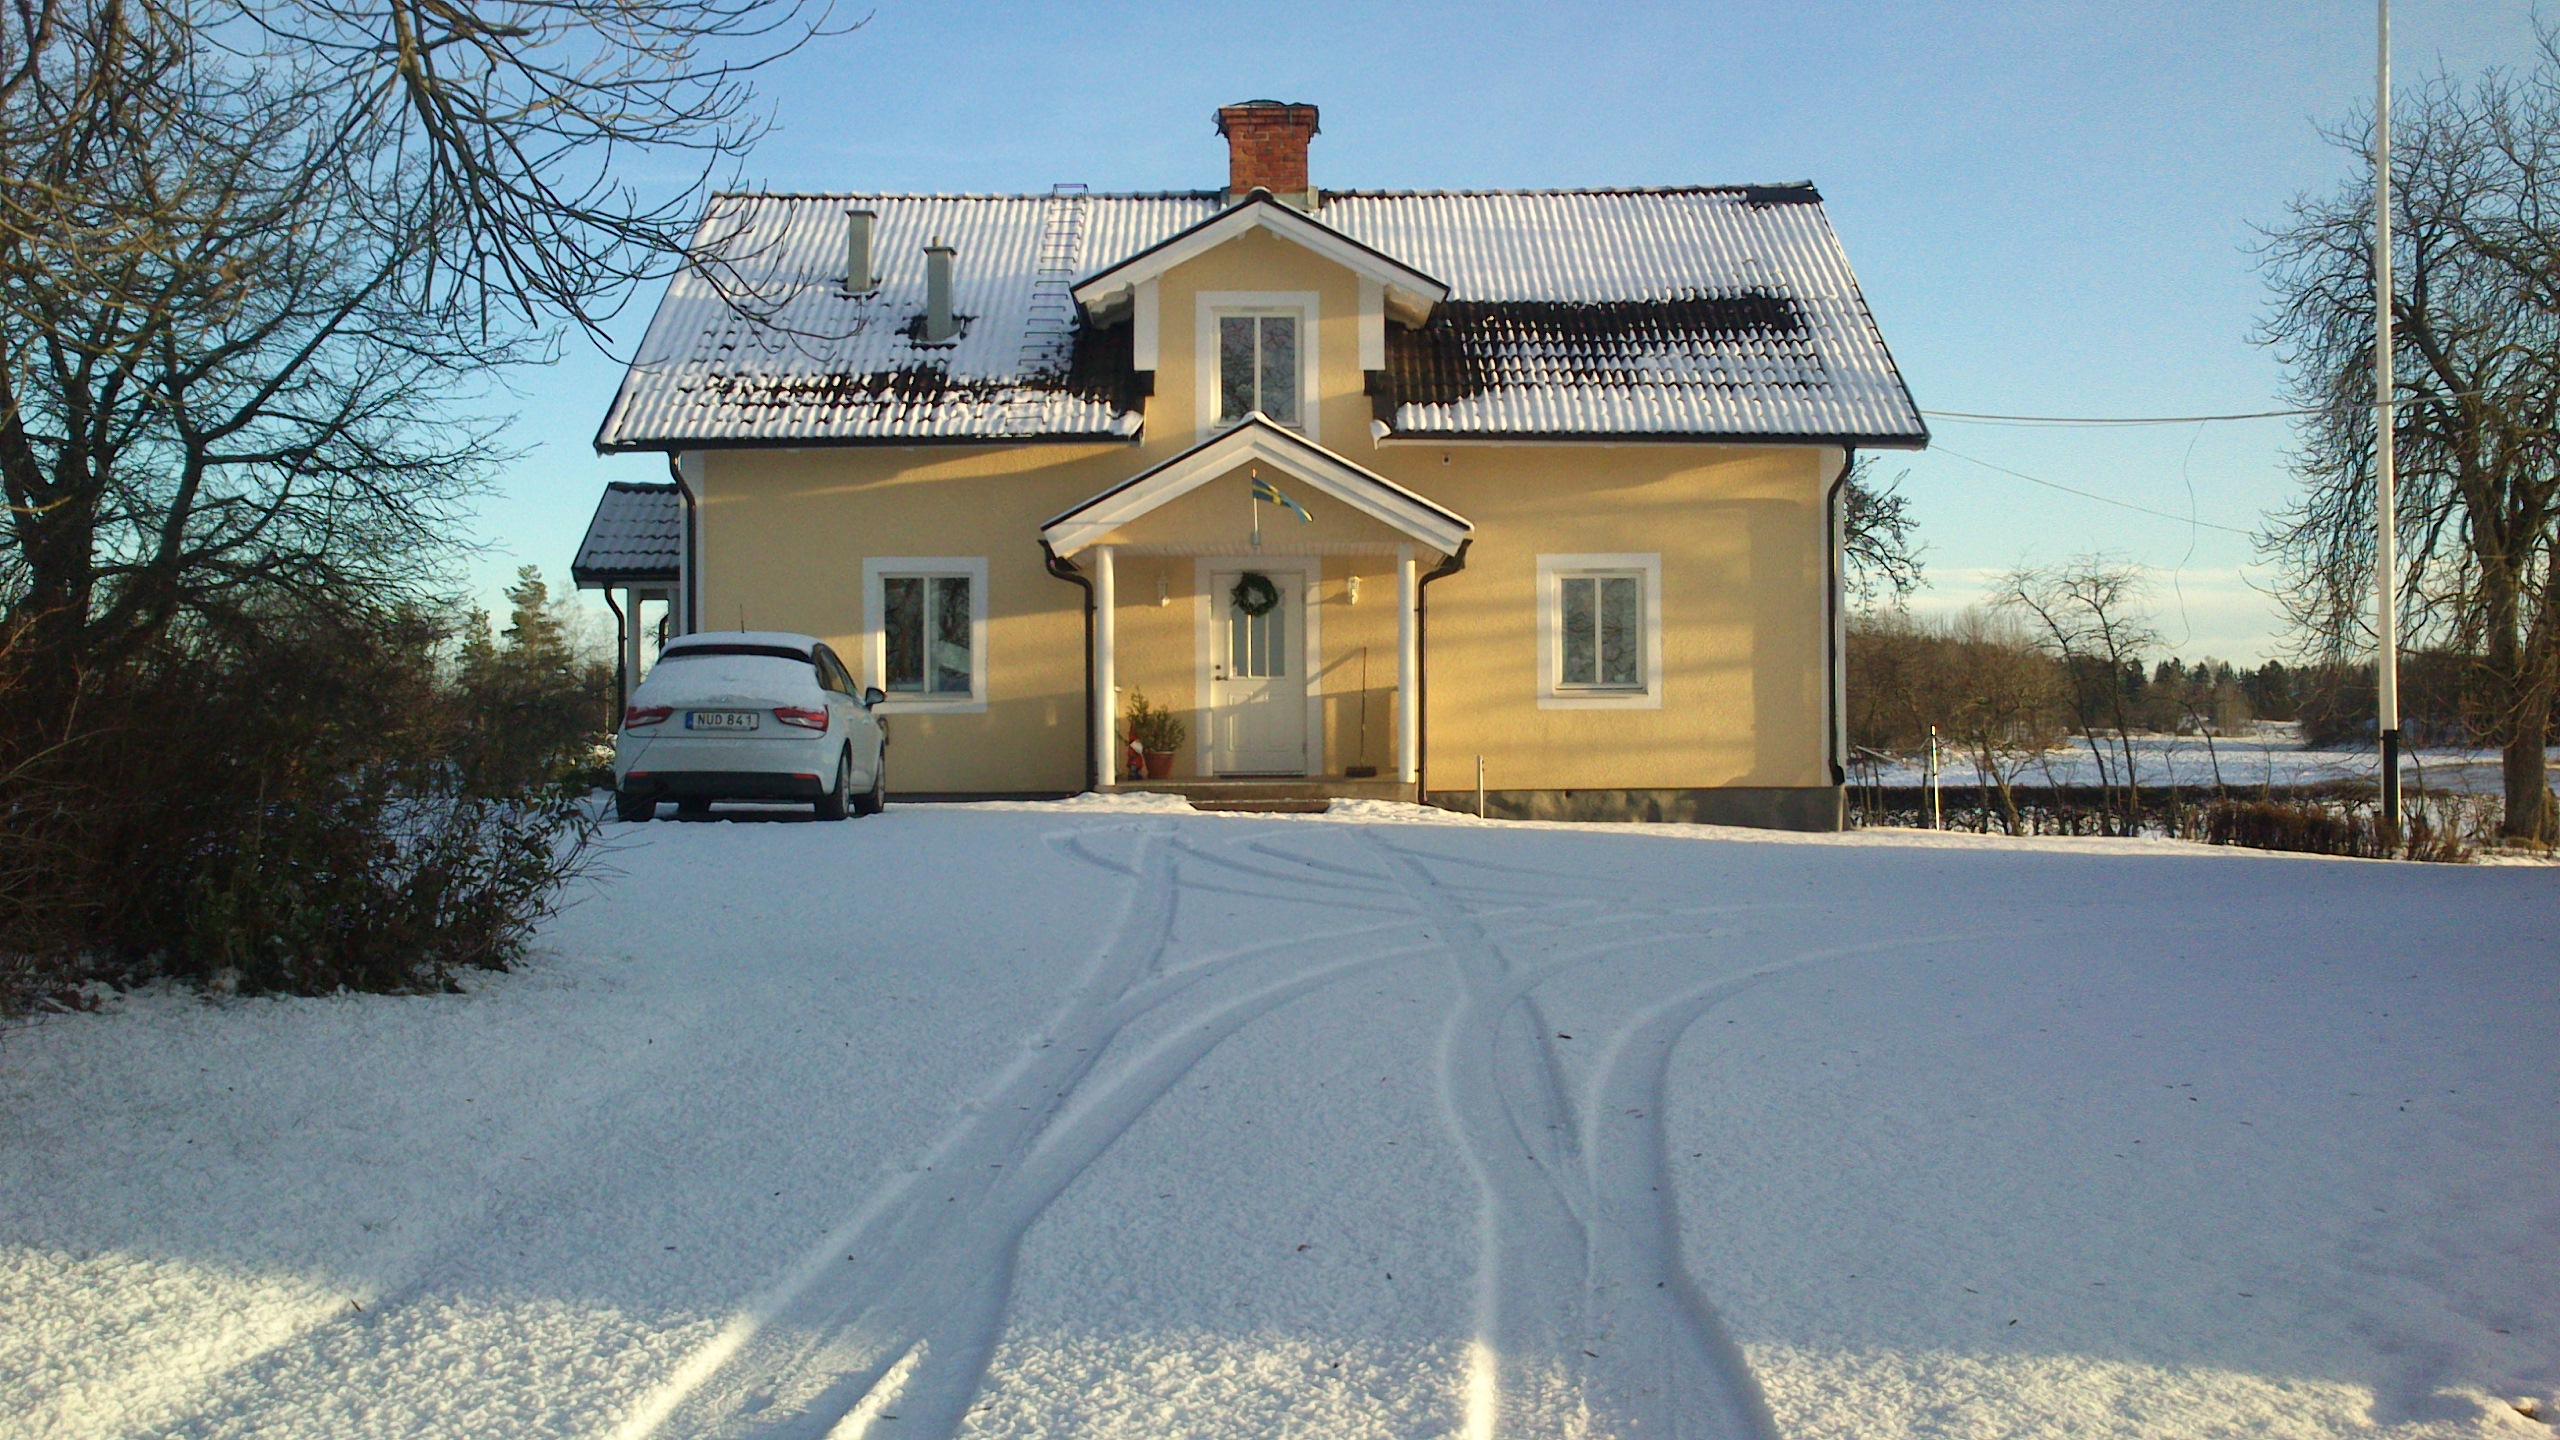 Inbrott hos Berra och Ulla i Olofstorp!  Har någon sett något?